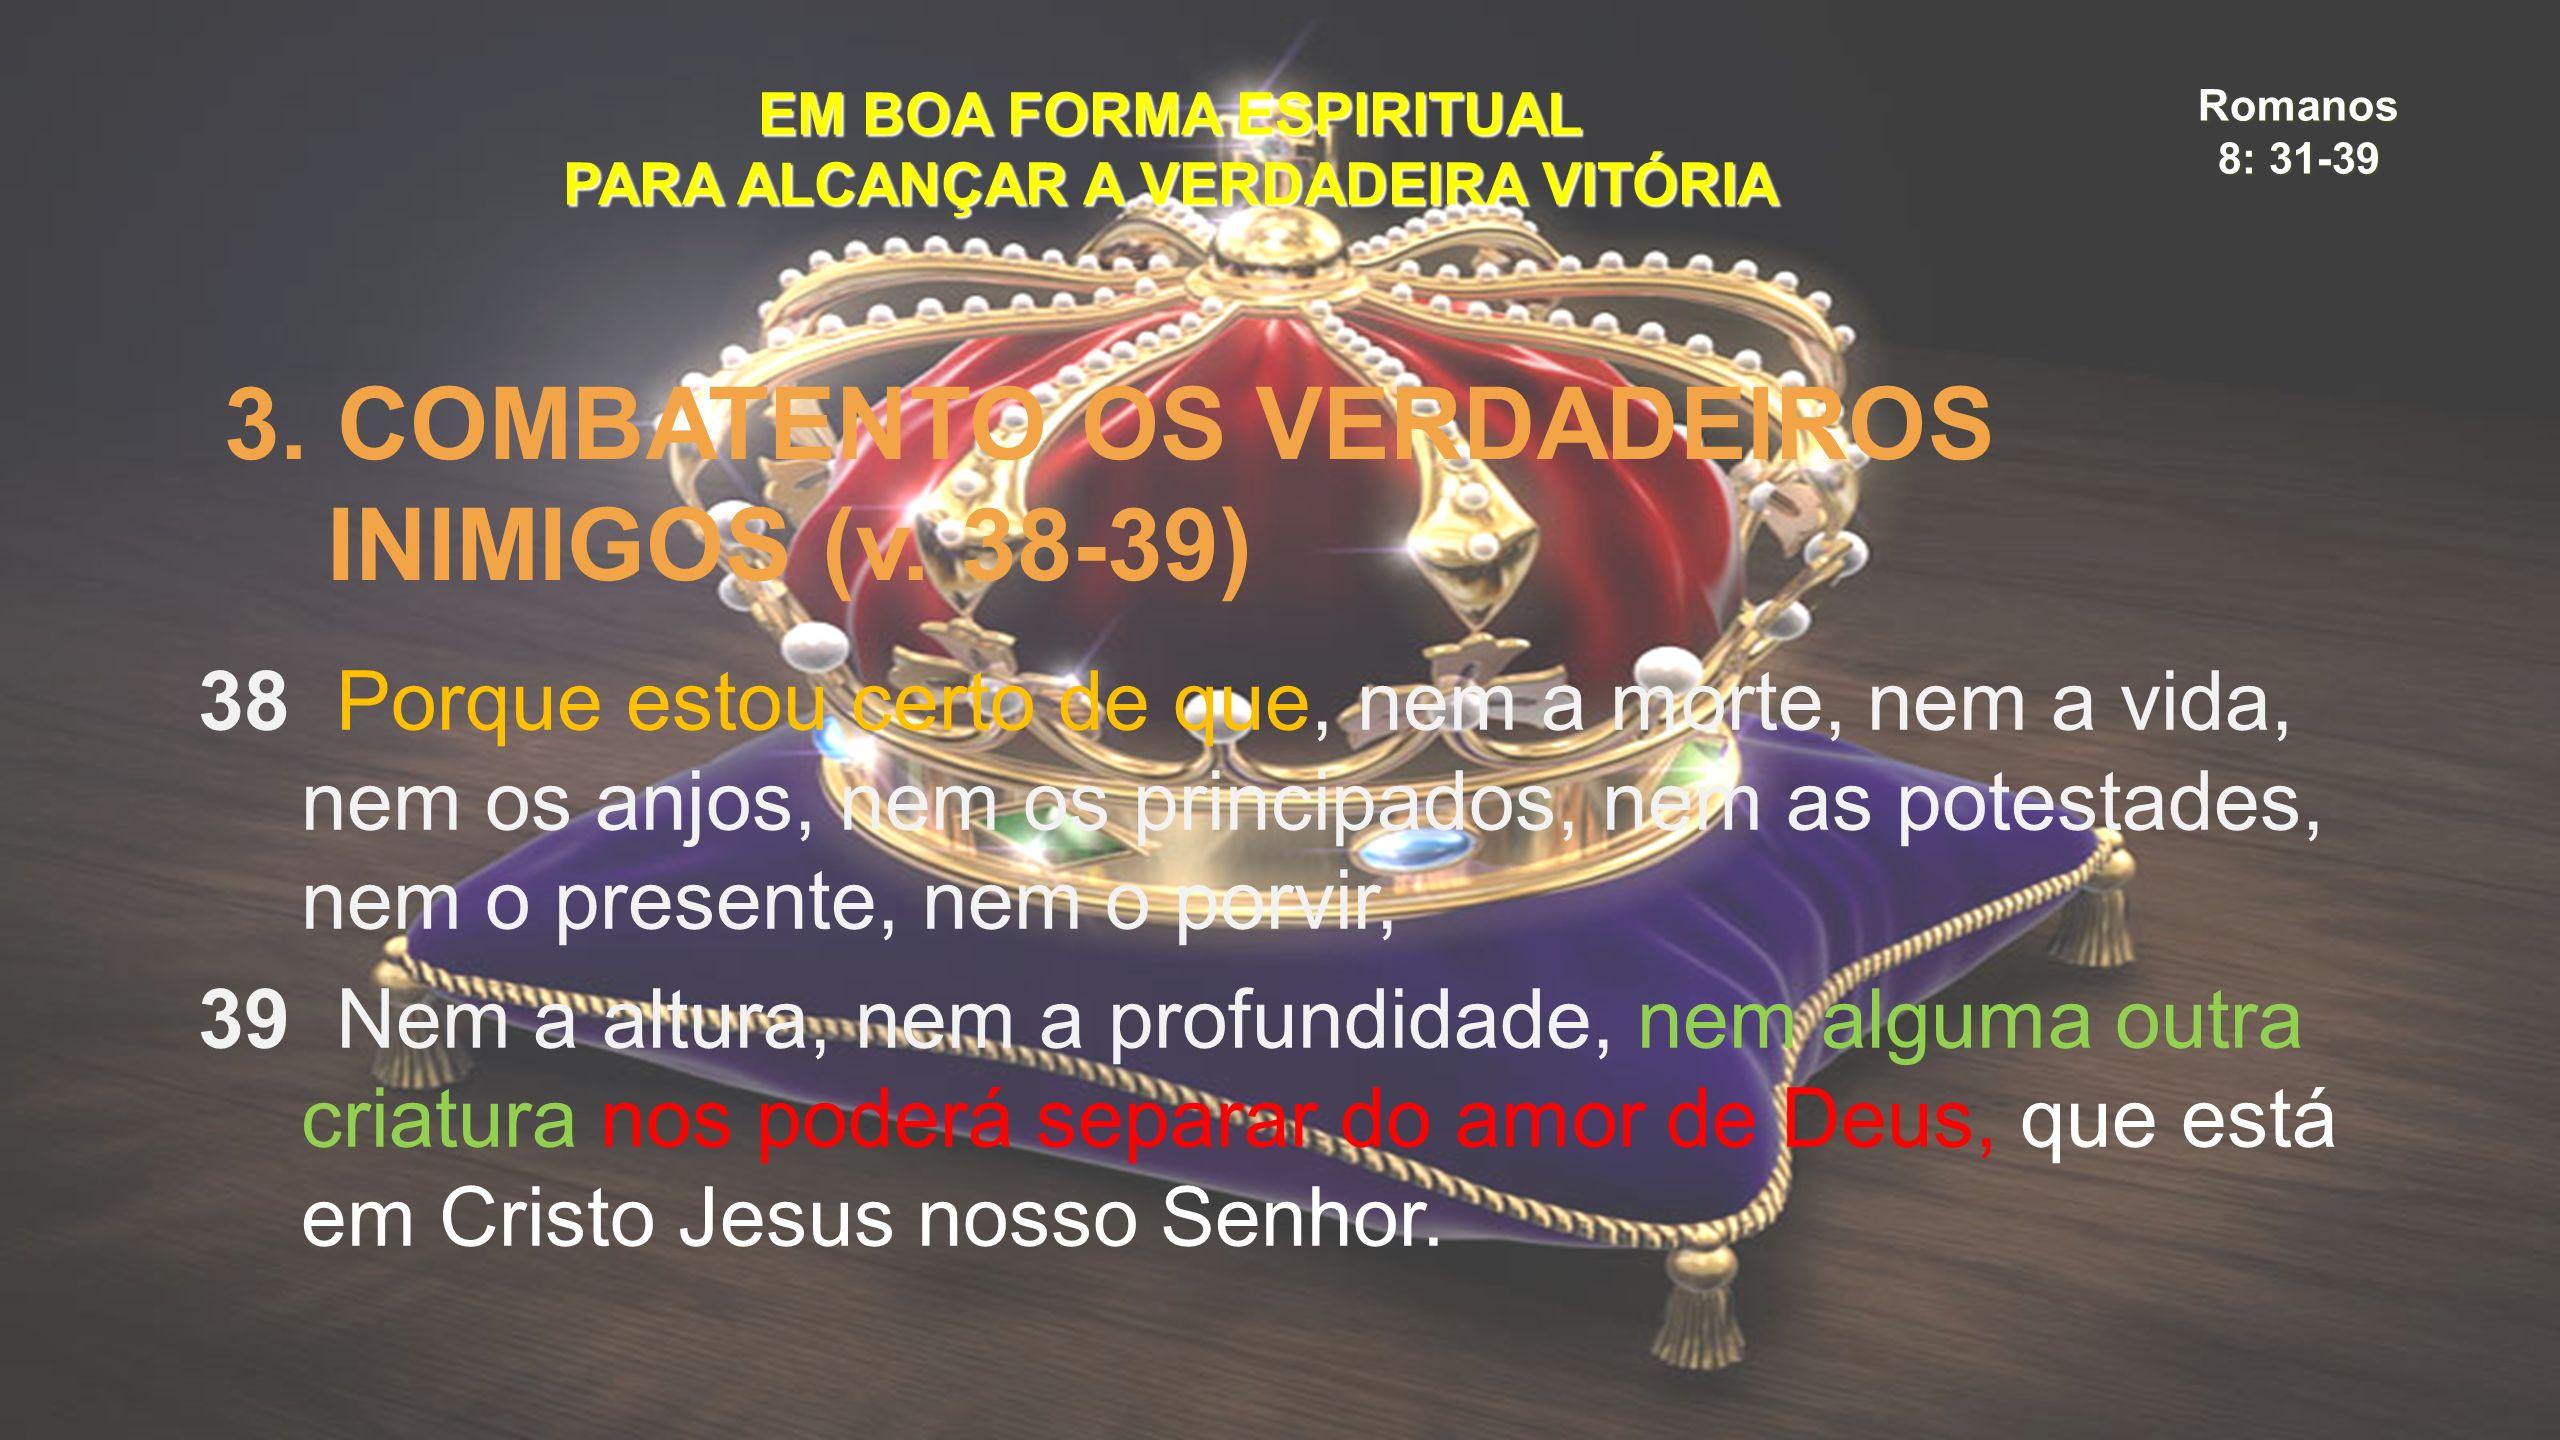 Romanos 8: 31-39 EM BOA FORMA ESPIRITUAL PARA ALCANÇAR A VERDADEIRA VITÓRIA 3. COMBATENTO OS VERDADEIROS INIMIGOS (v. 38-39) 38 Porque estou certo de